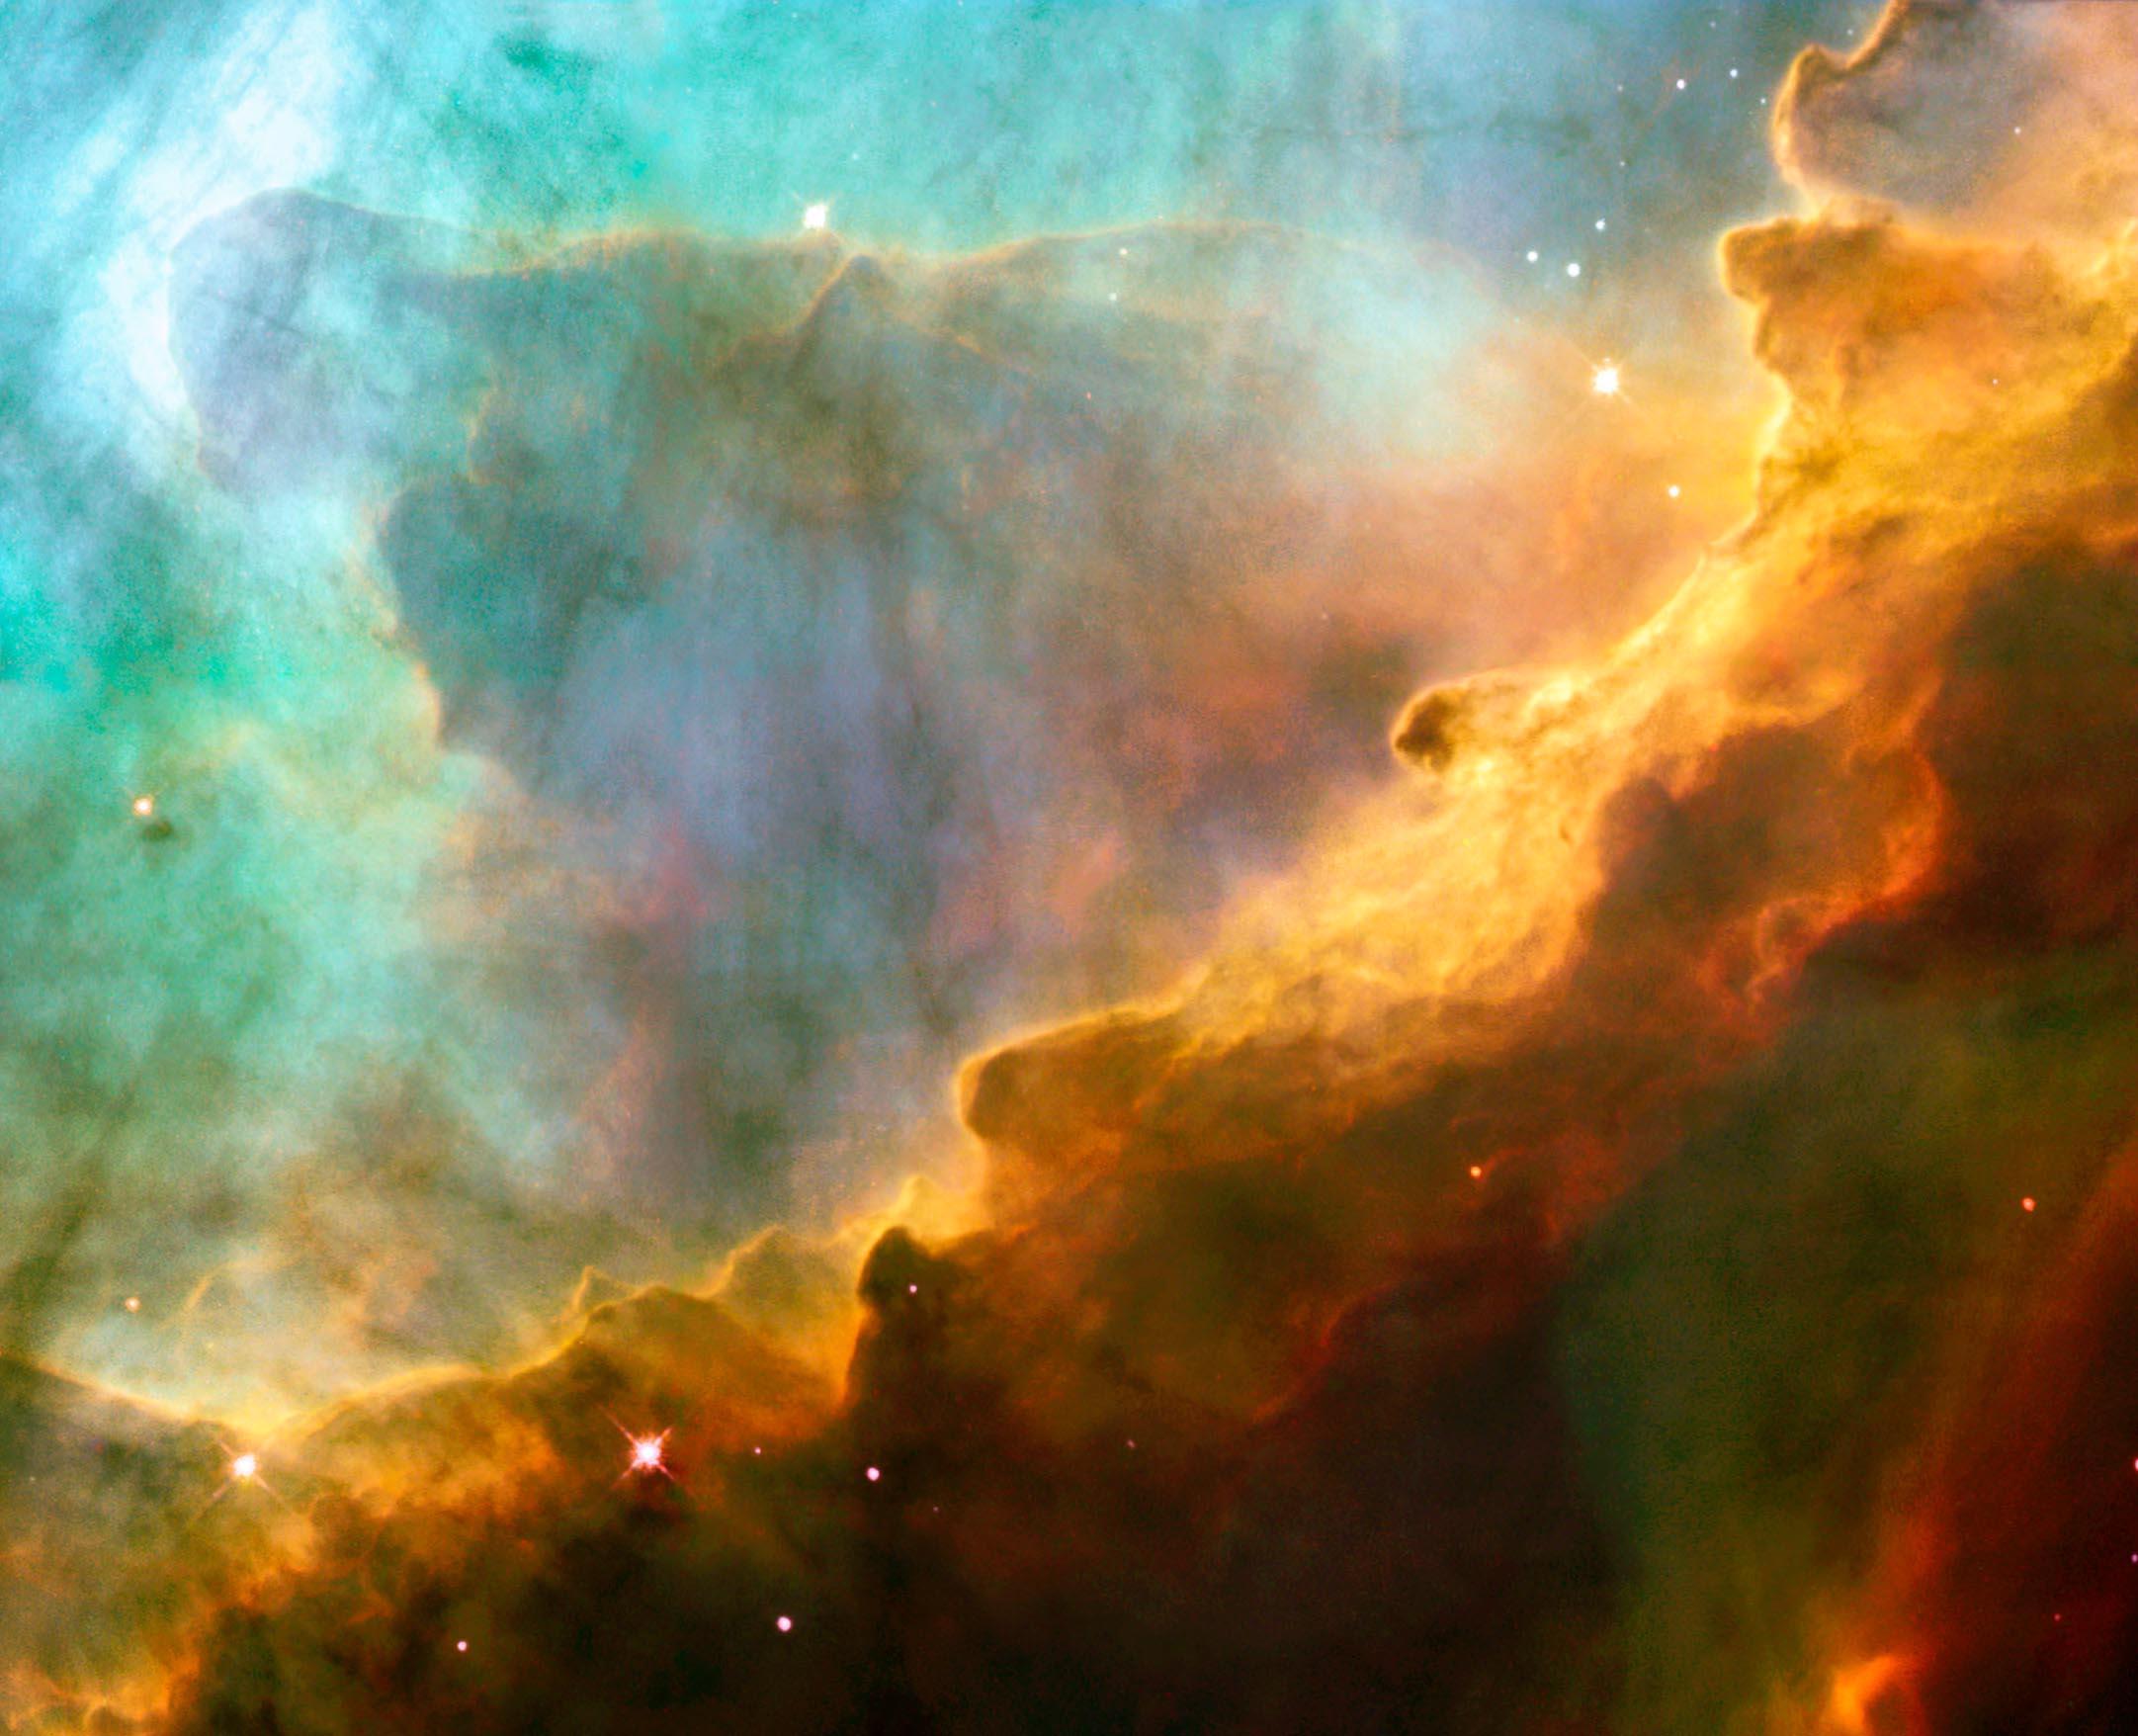 nasa images nebula - photo #20